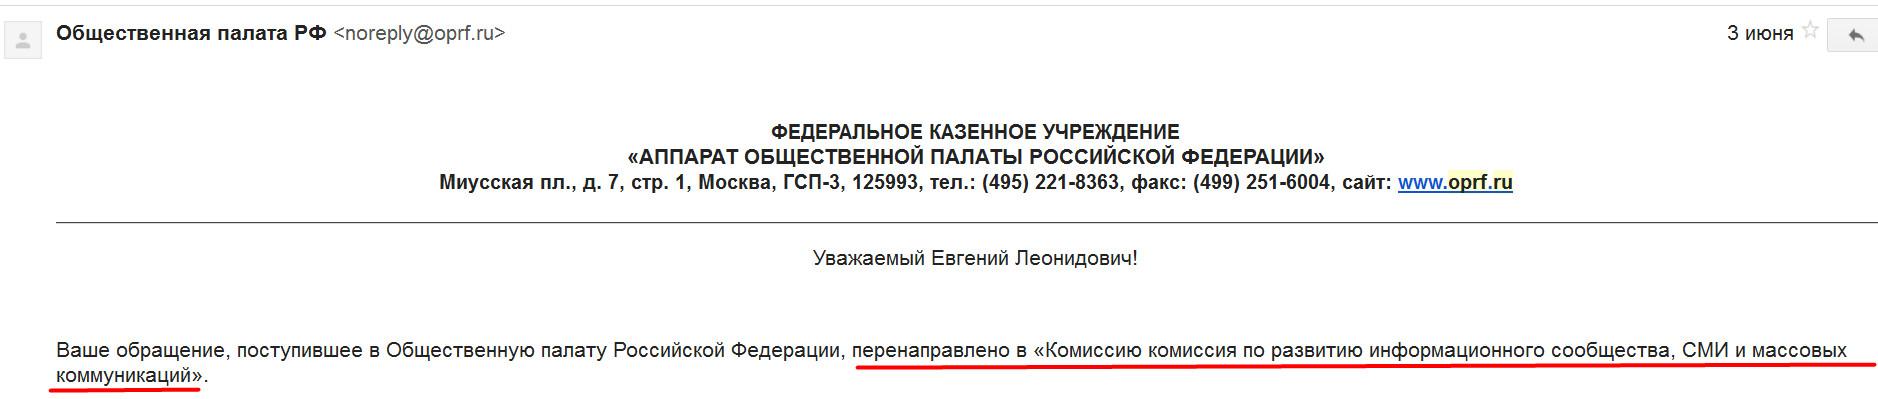 Бречалов перенаправил сообщение в комиссию